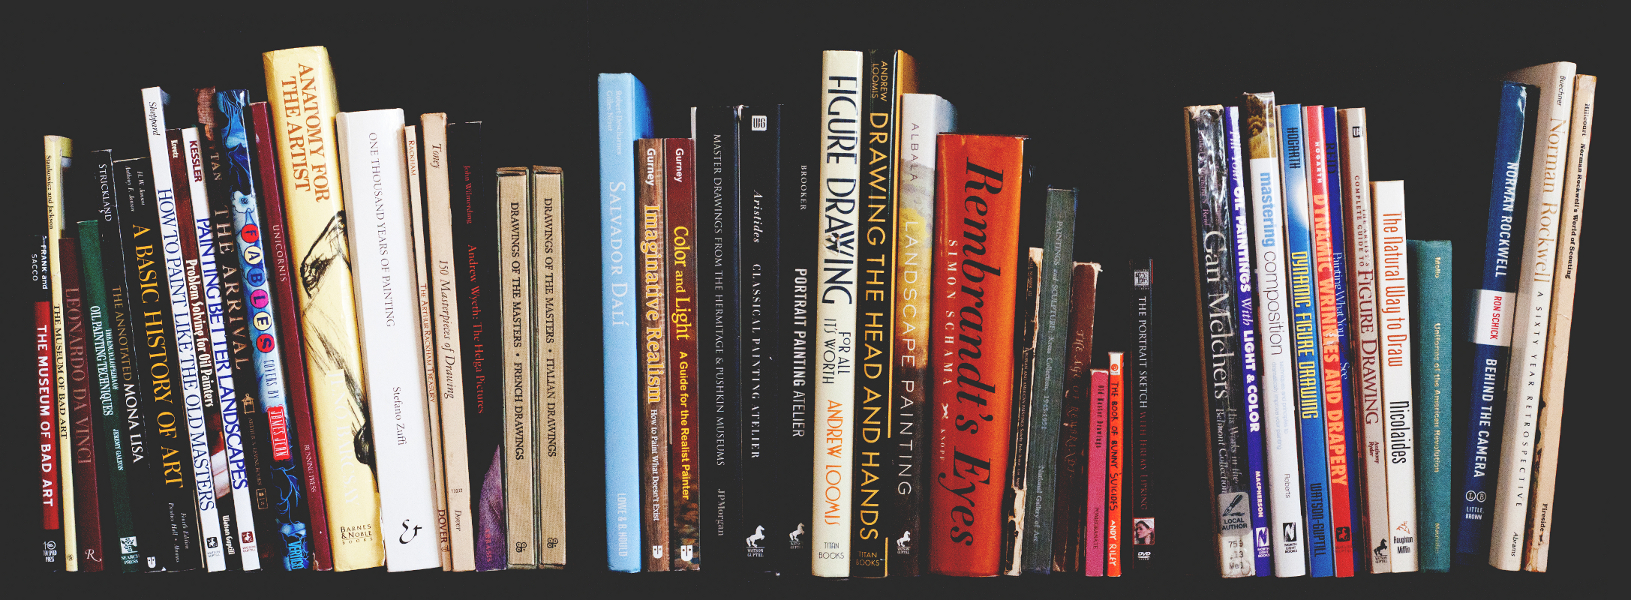 ArtBooksLibraryMATTEsmall.jpg